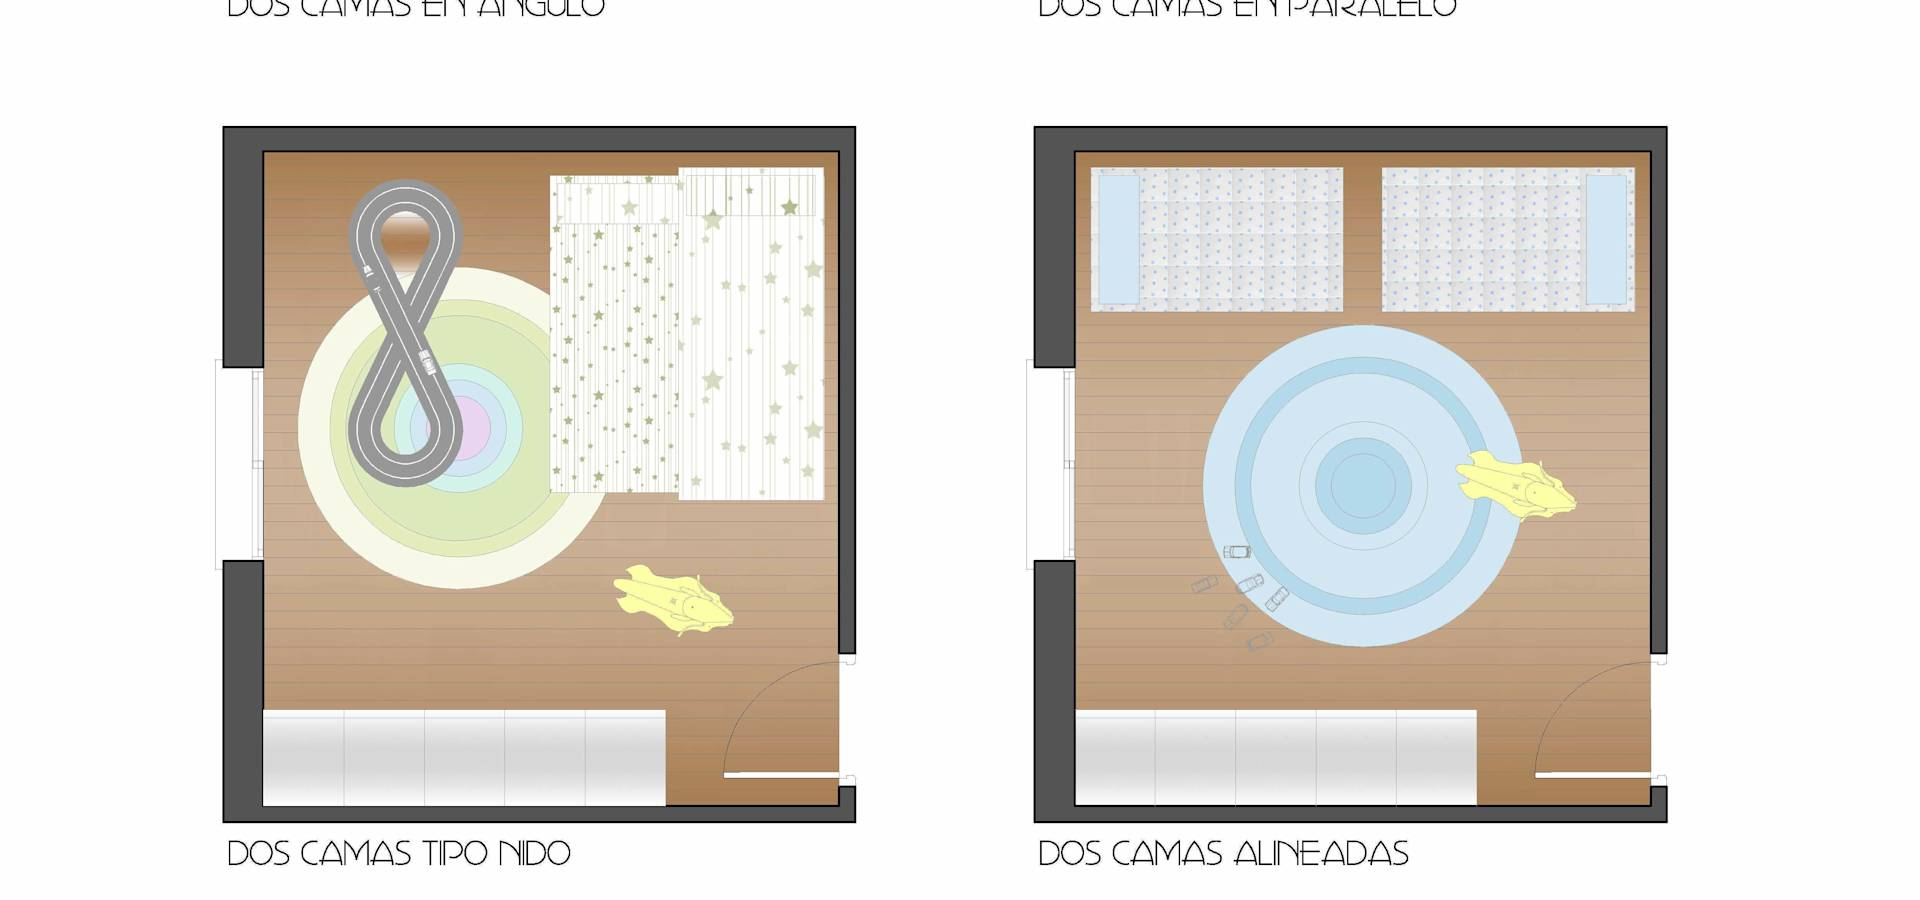 Vergeles Del Mar - Arquitectos En Almeria - Ciboney.net